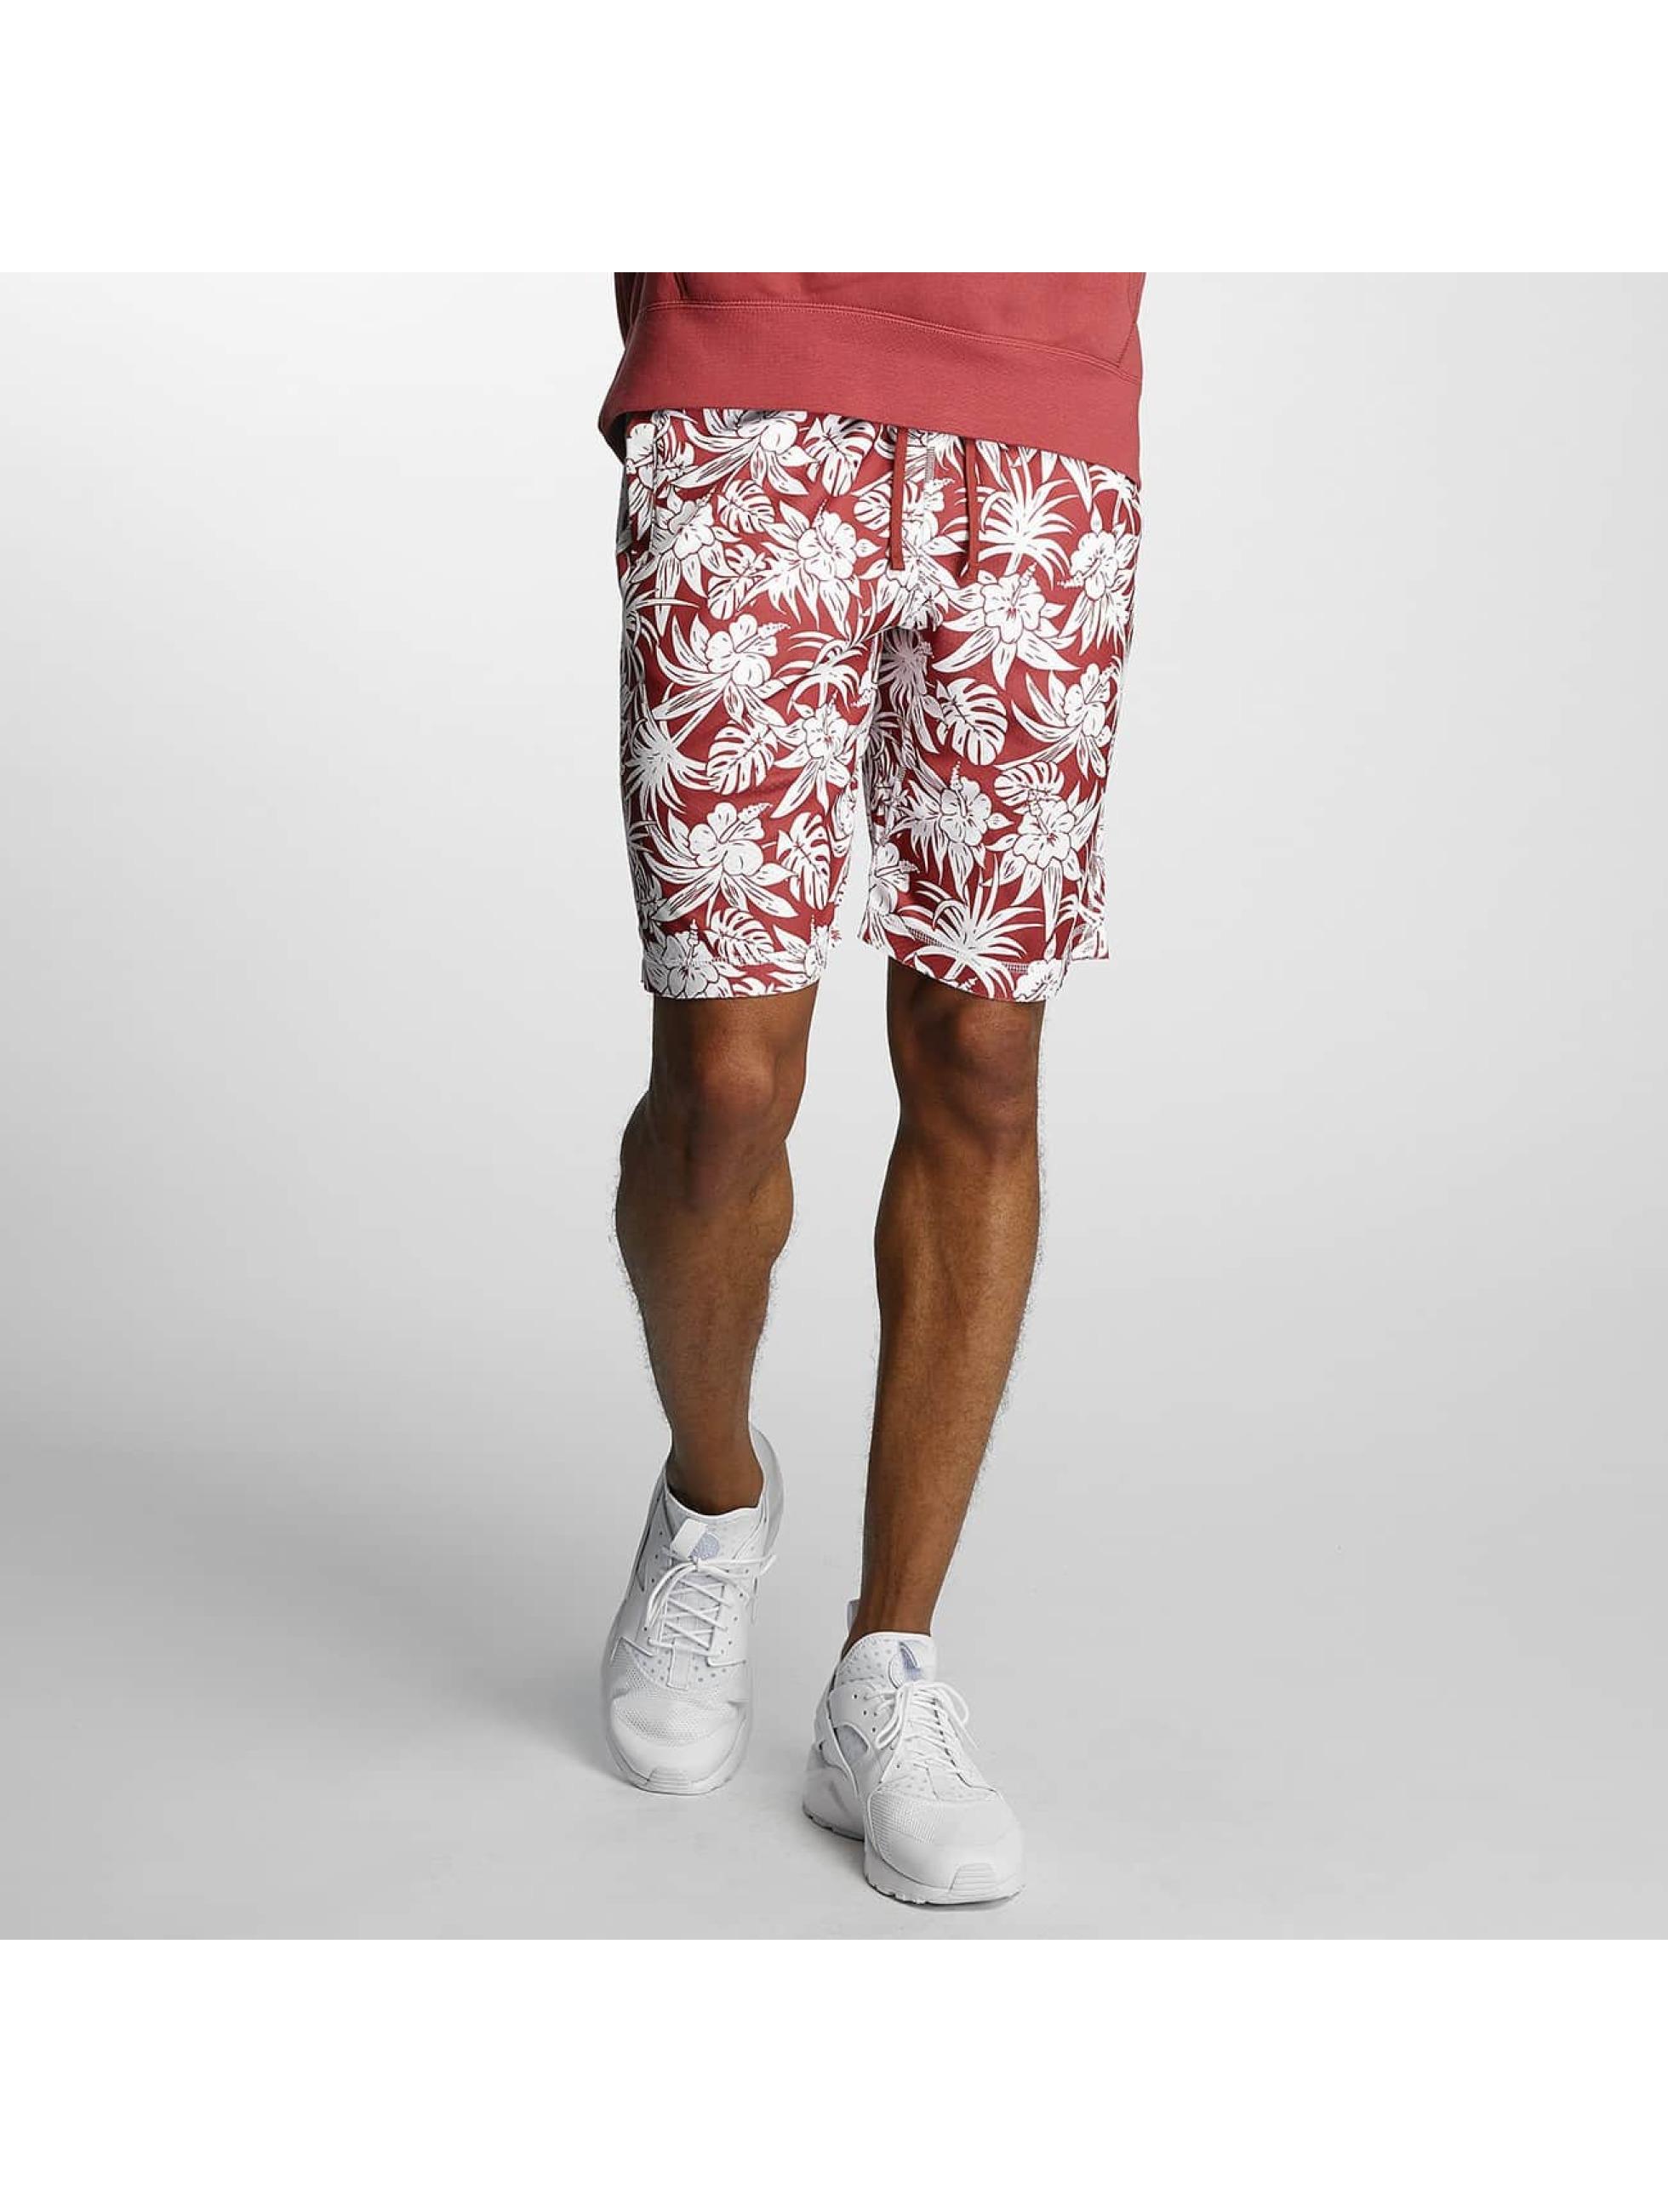 Nike SB Short SB Dry red